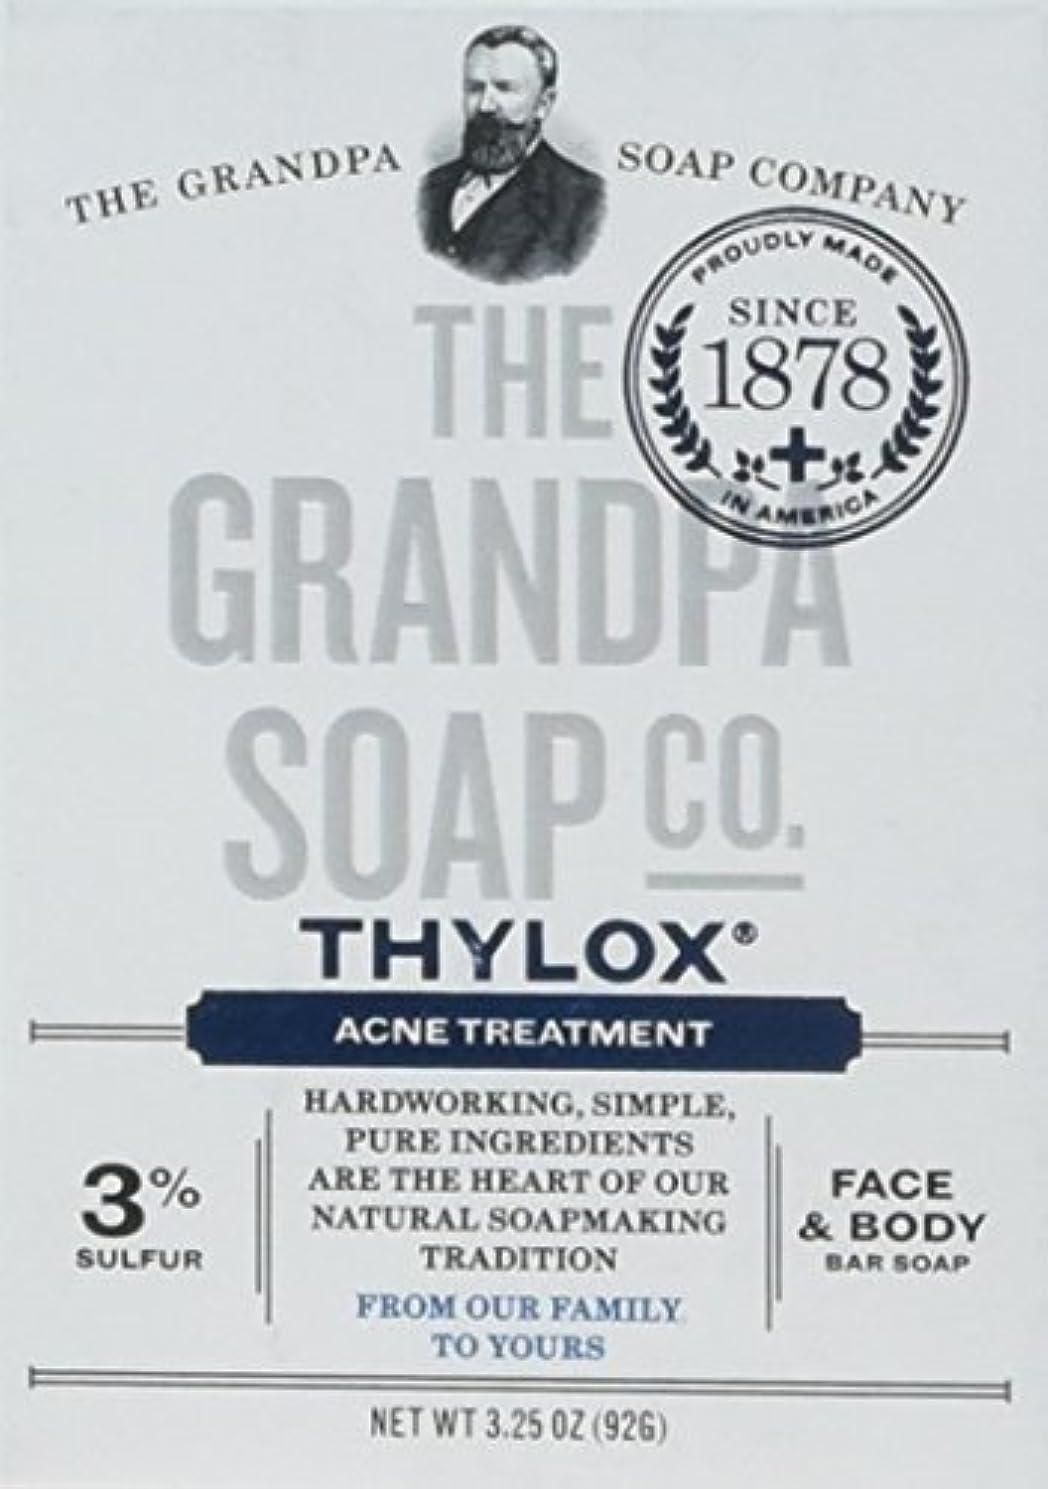 促進するキャラバン暴行The Grandpa Soap Company おじいちゃんのSOAP、THYLOXにきびTRTMNT、3.25 OZ、6パック